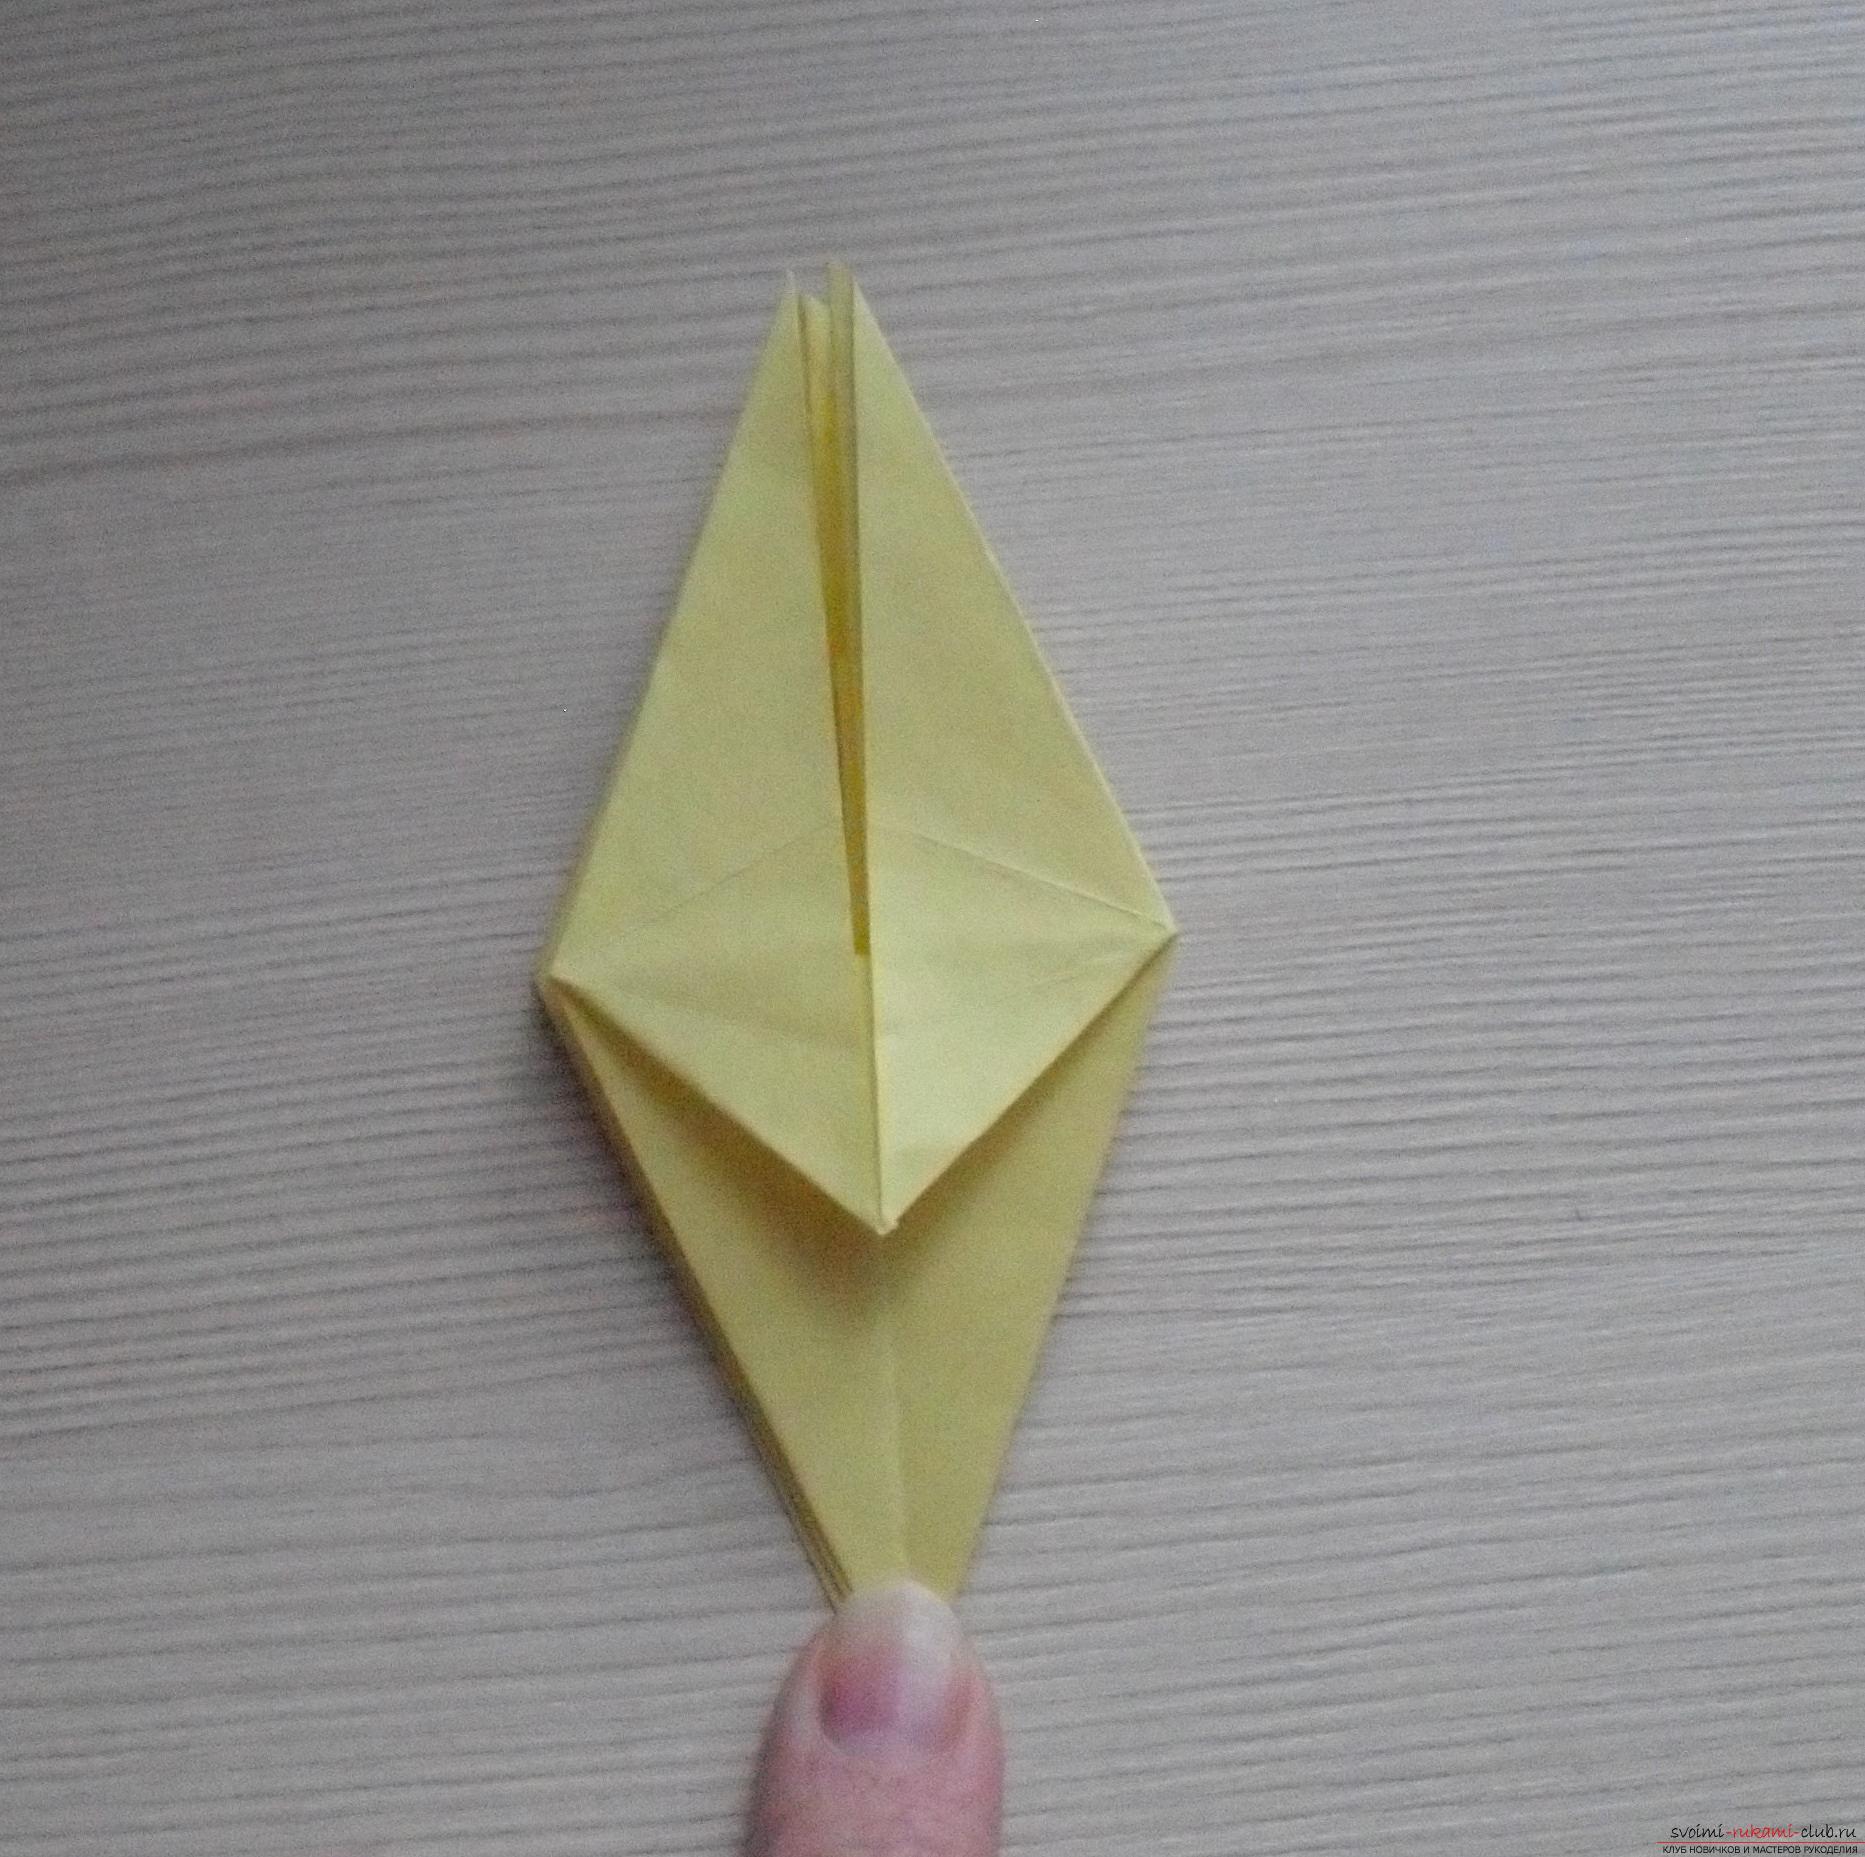 Этот пошаговый мастер-класс с инструкцией модульного оригами научит как сделать корзинку с лилиями.. Фото №32